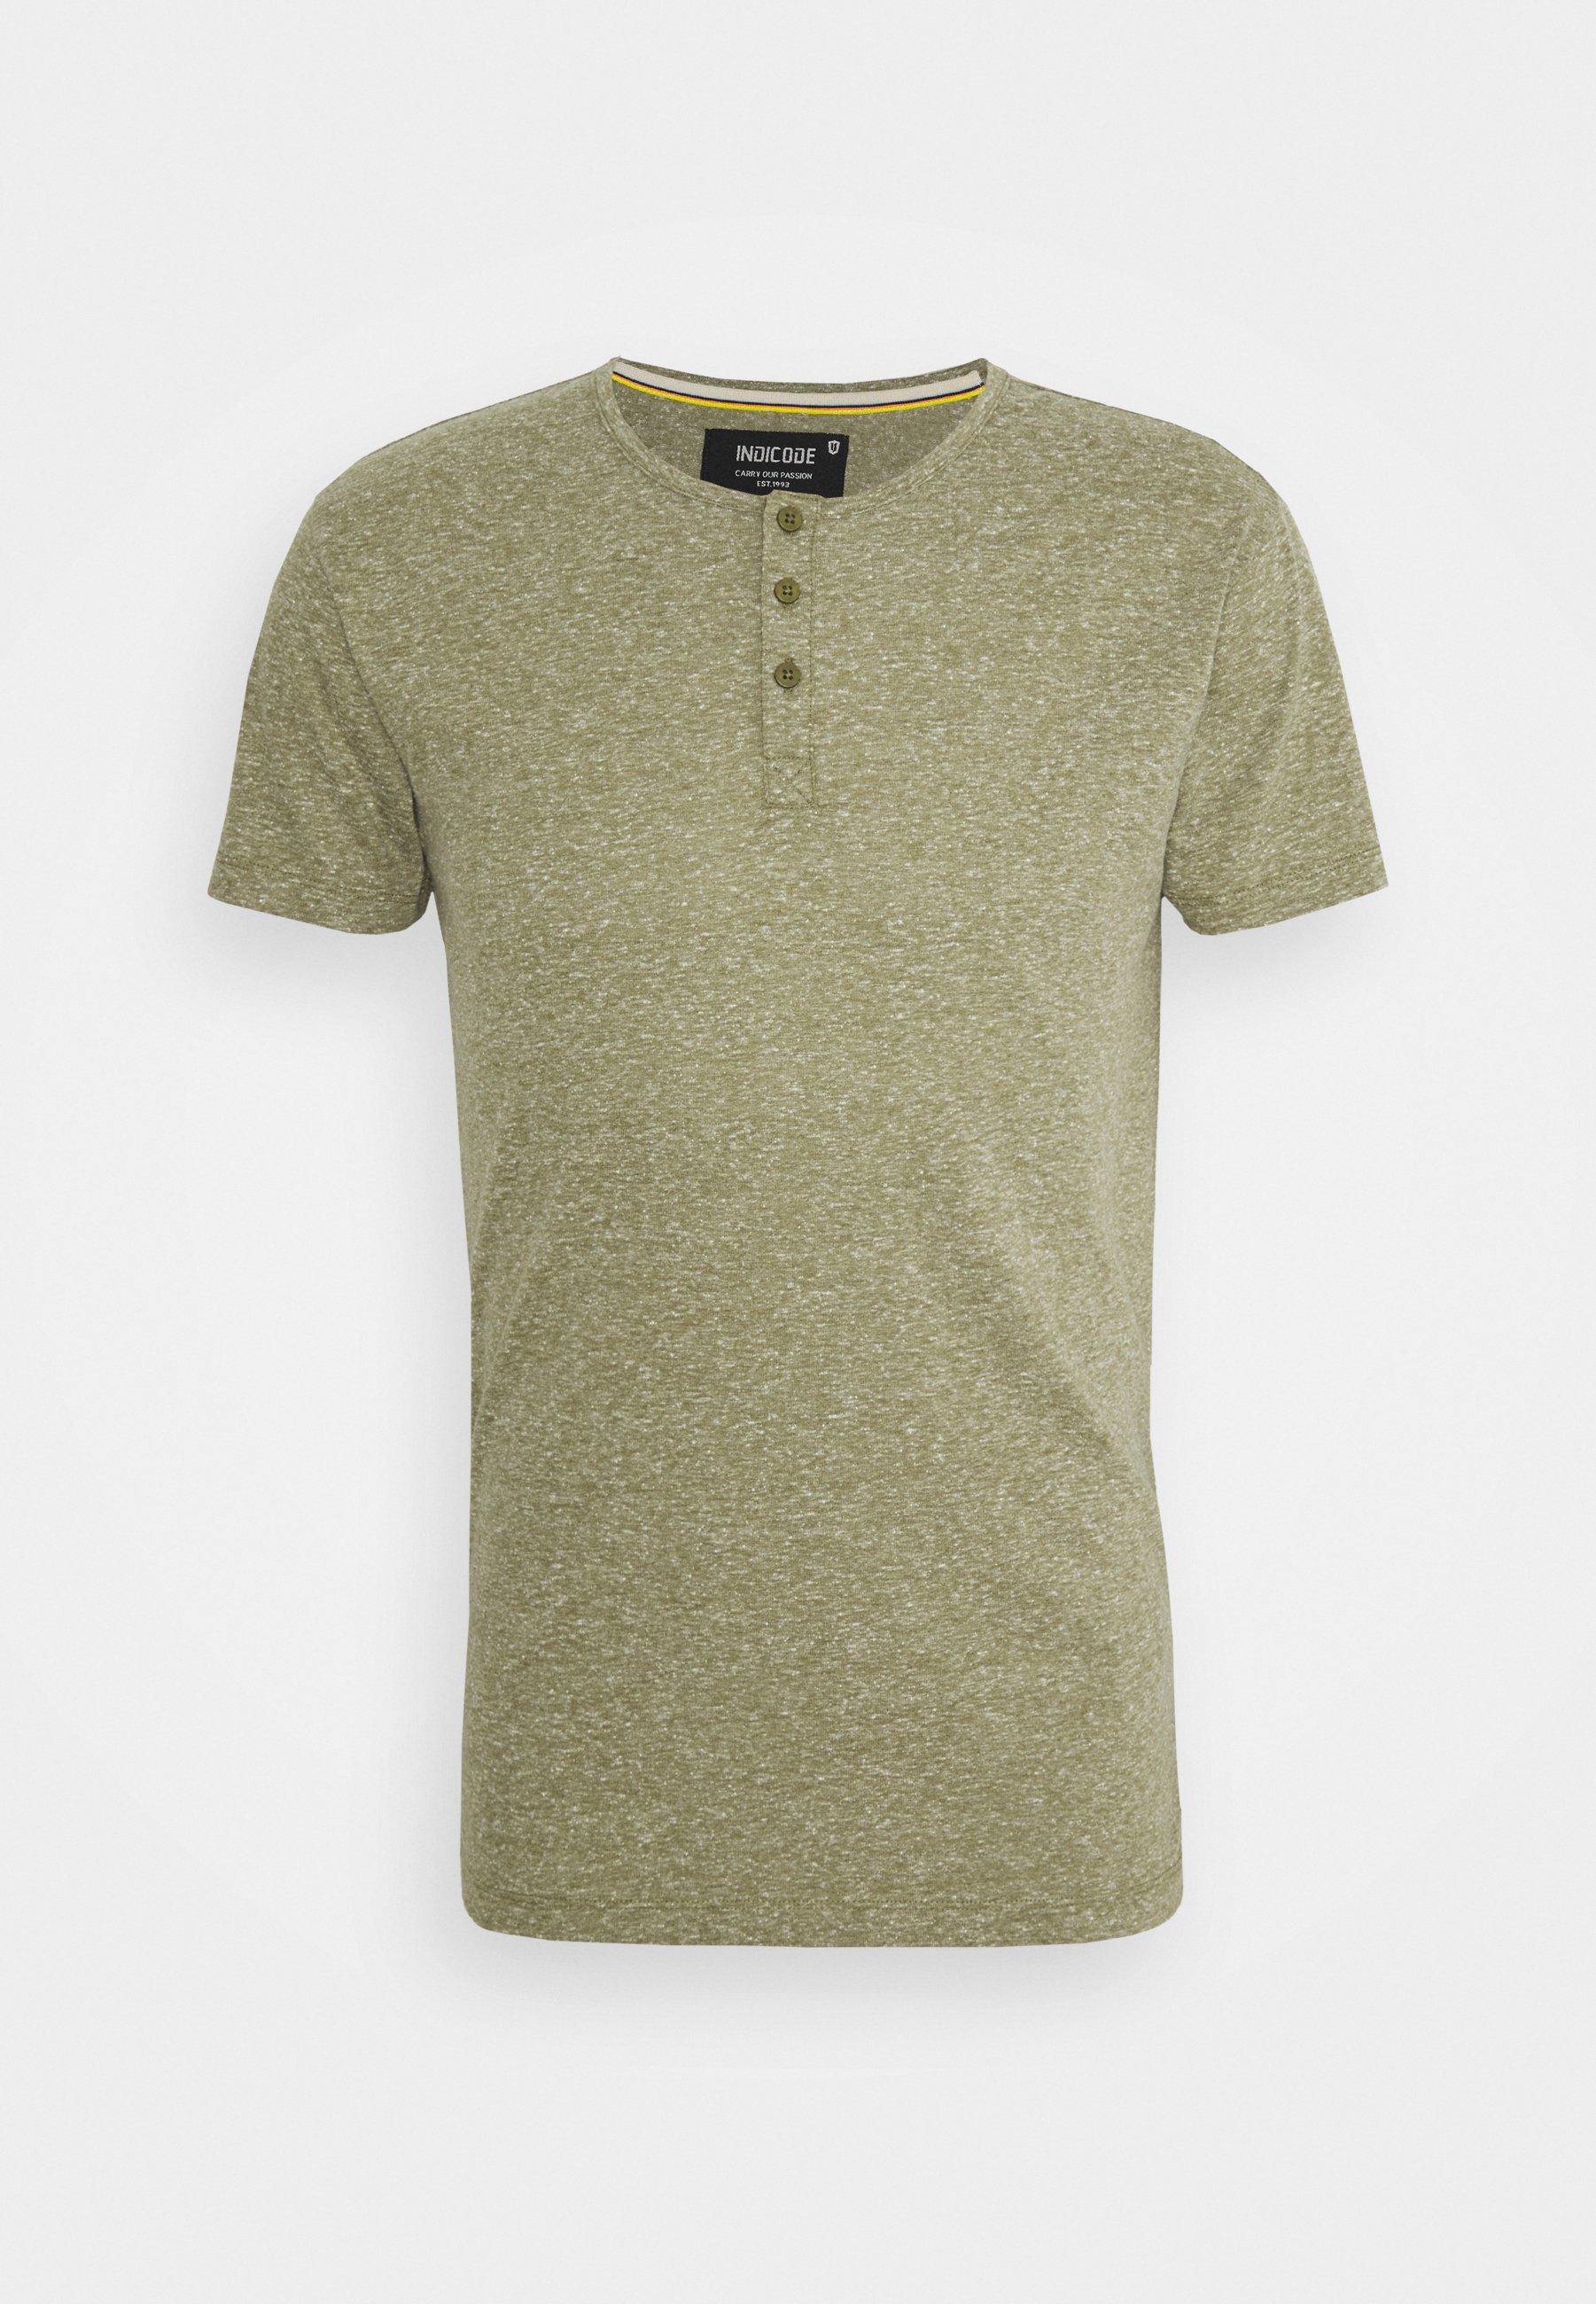 Homme ESTEPONA - T-shirt basique